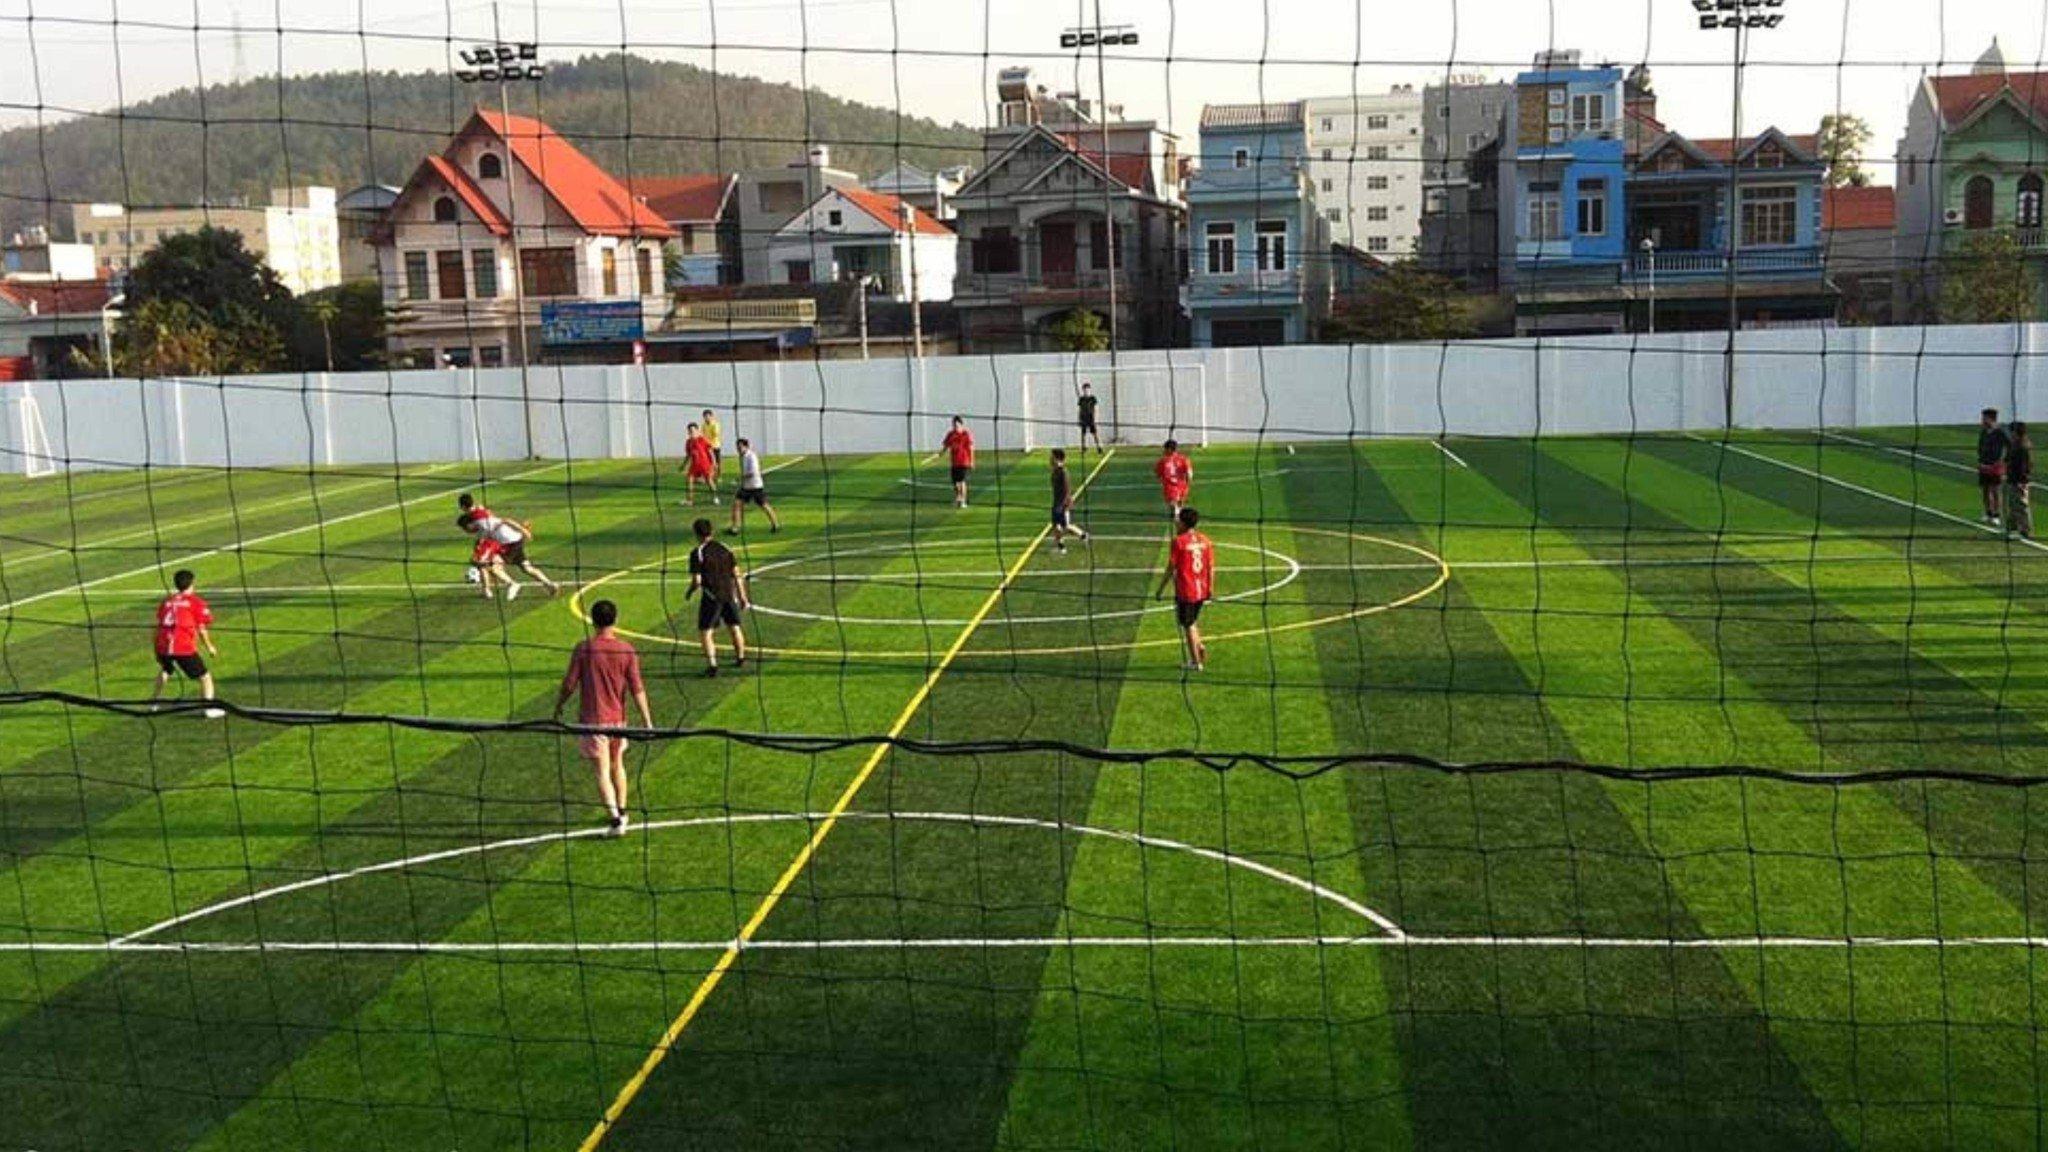 Lợi ích khi đầu tư sân bóng cỏ nhân tạo Bắc Ninh